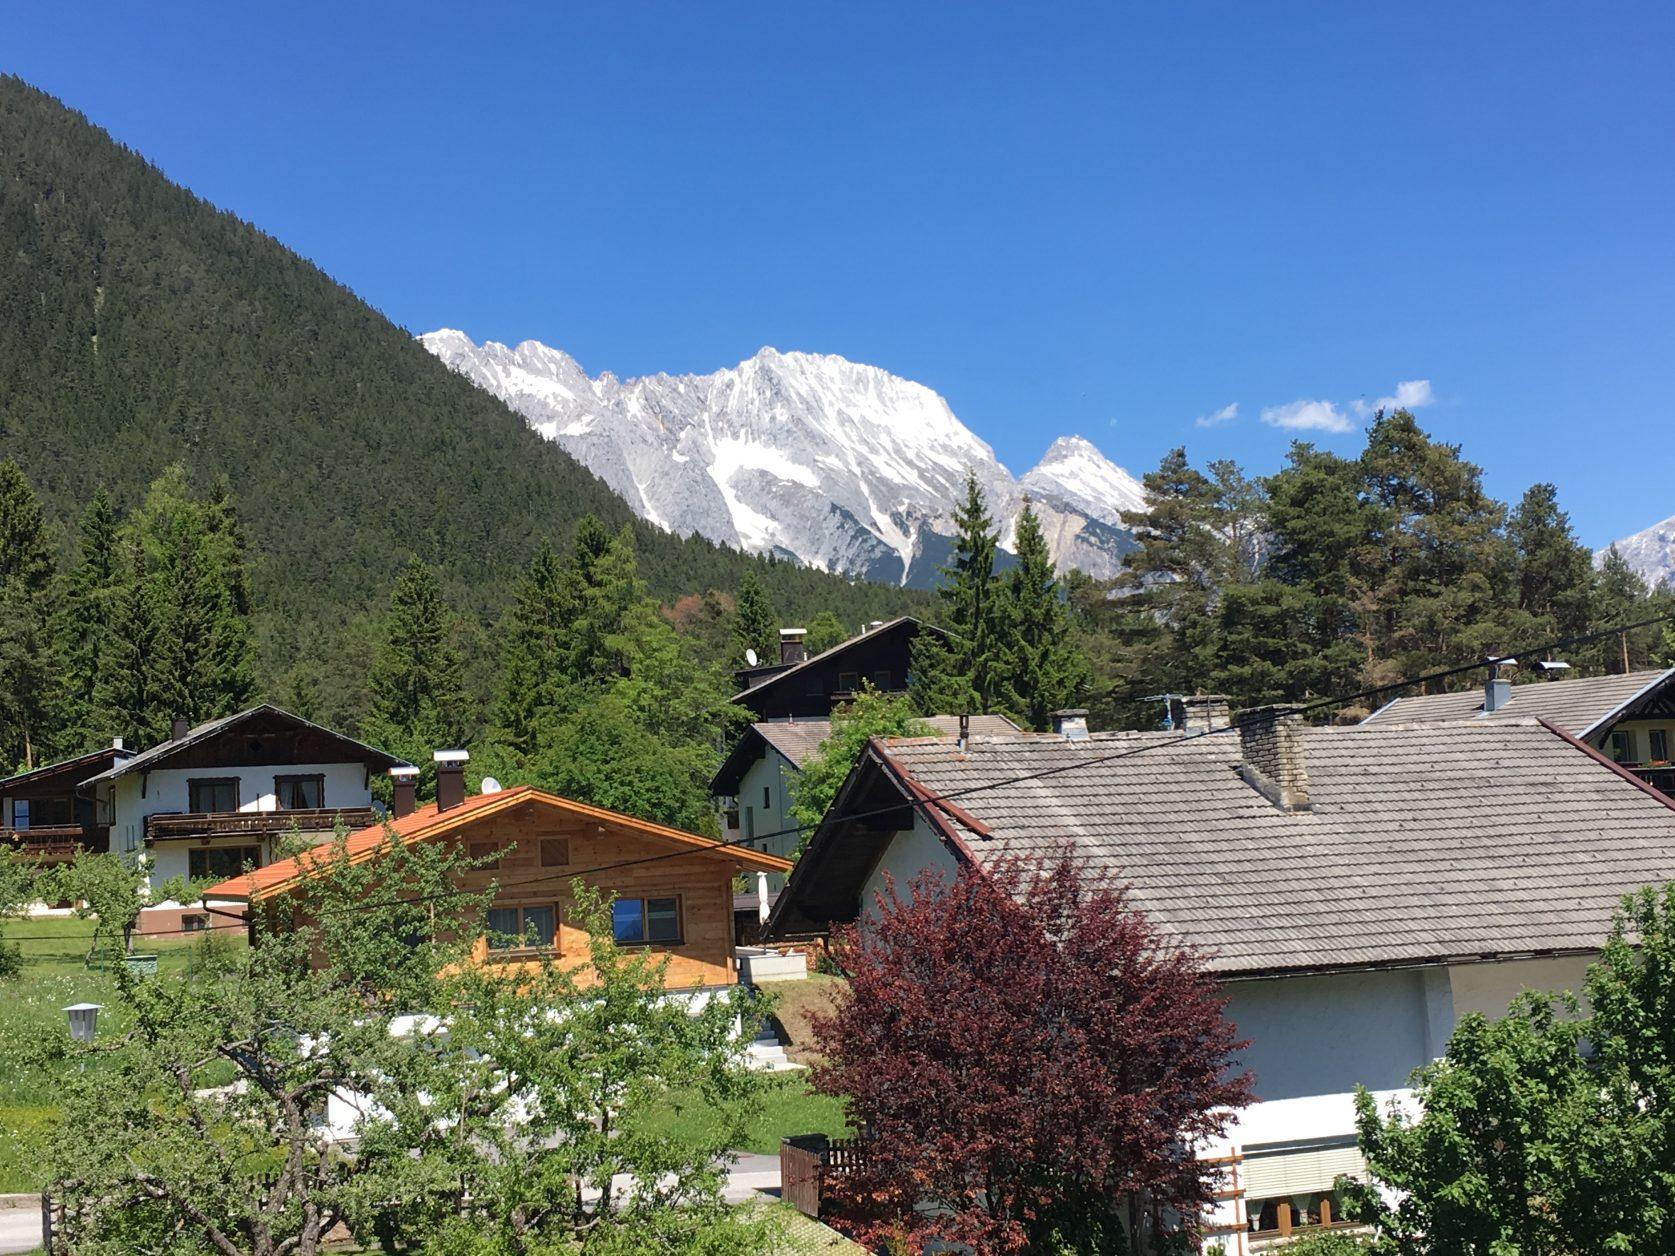 Schon beim Aufwachen sind die nahen Berge zu sehen. Foto: D.Weirauch